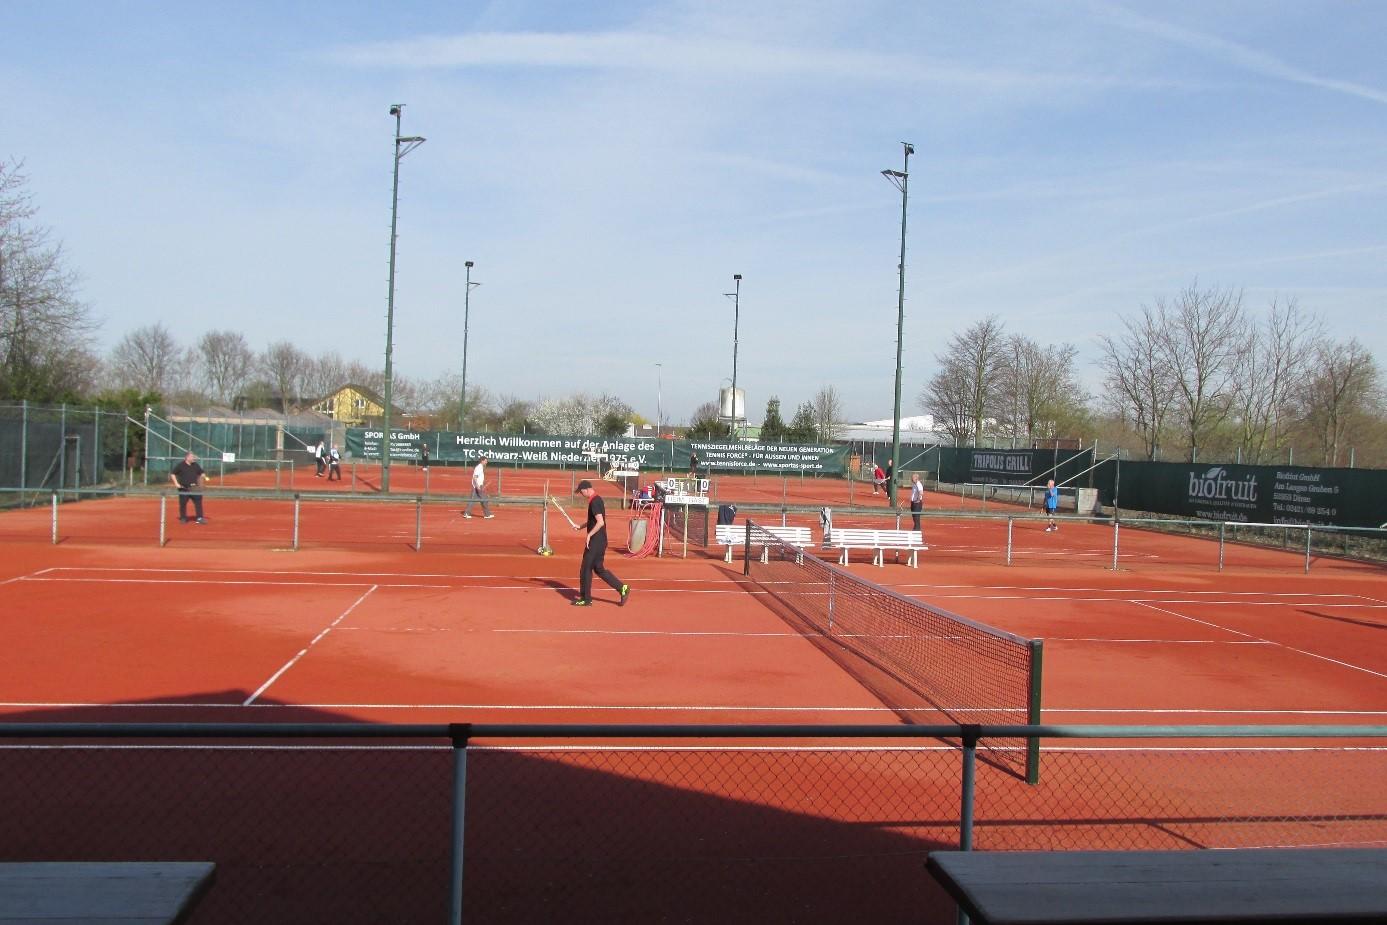 Tennisforce II gravelbaan